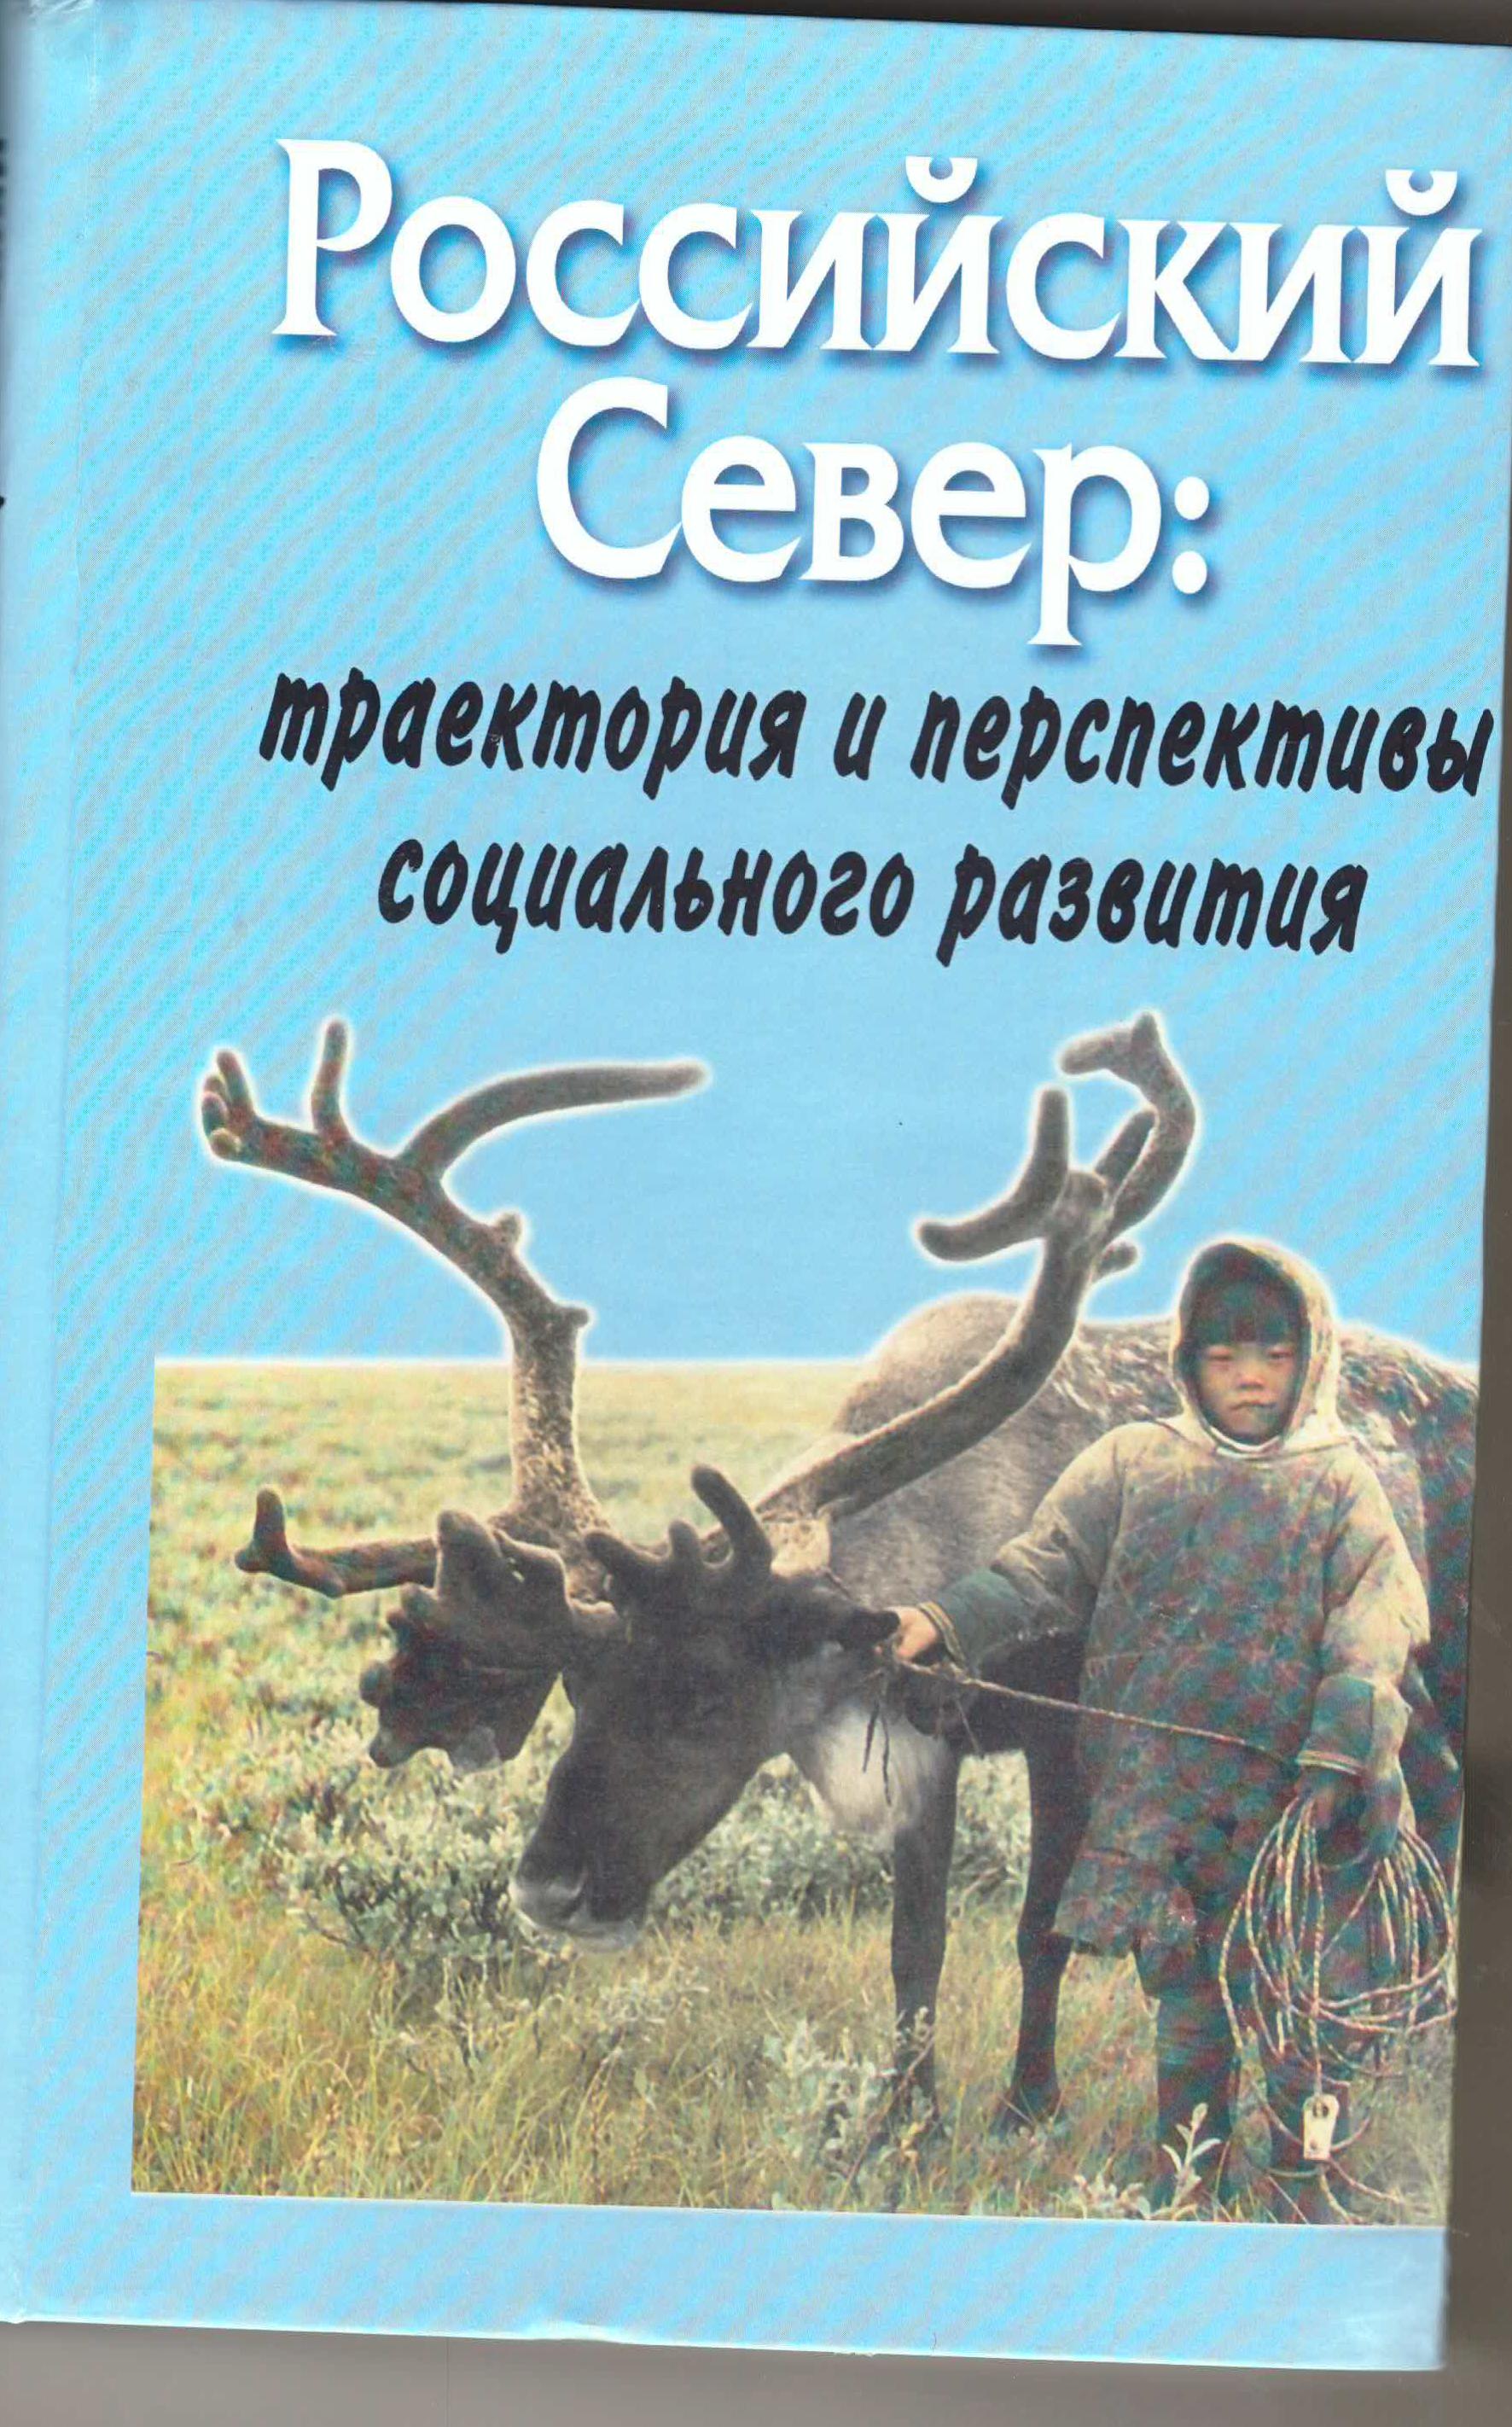 Российский север: траектории и перспективы социального развития